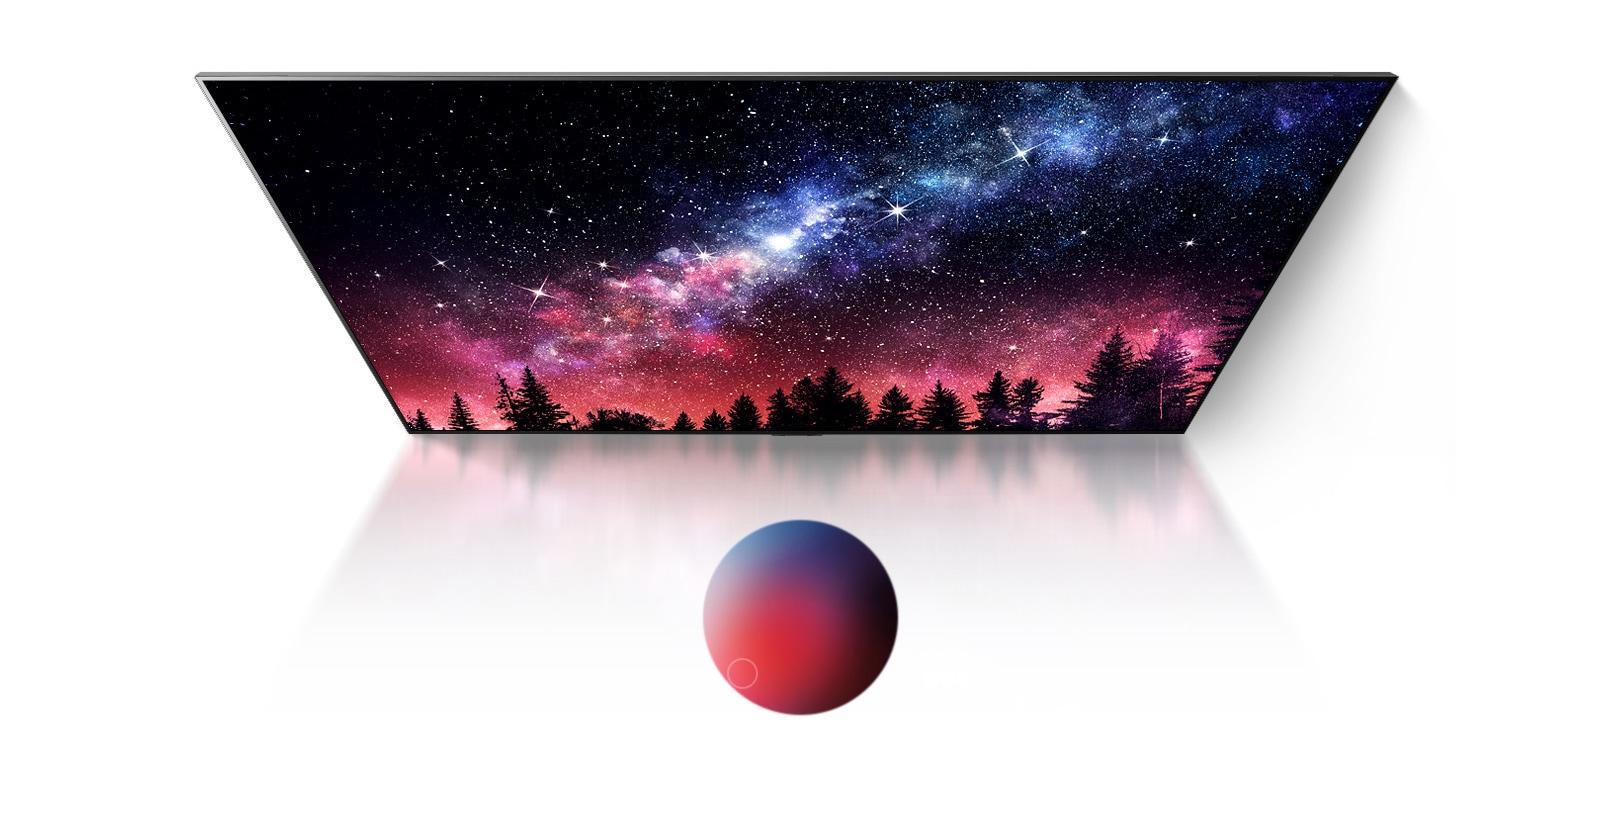 顯示銀河系、藍天和高品質的彩色塵爆的電視畫面(播放影片)